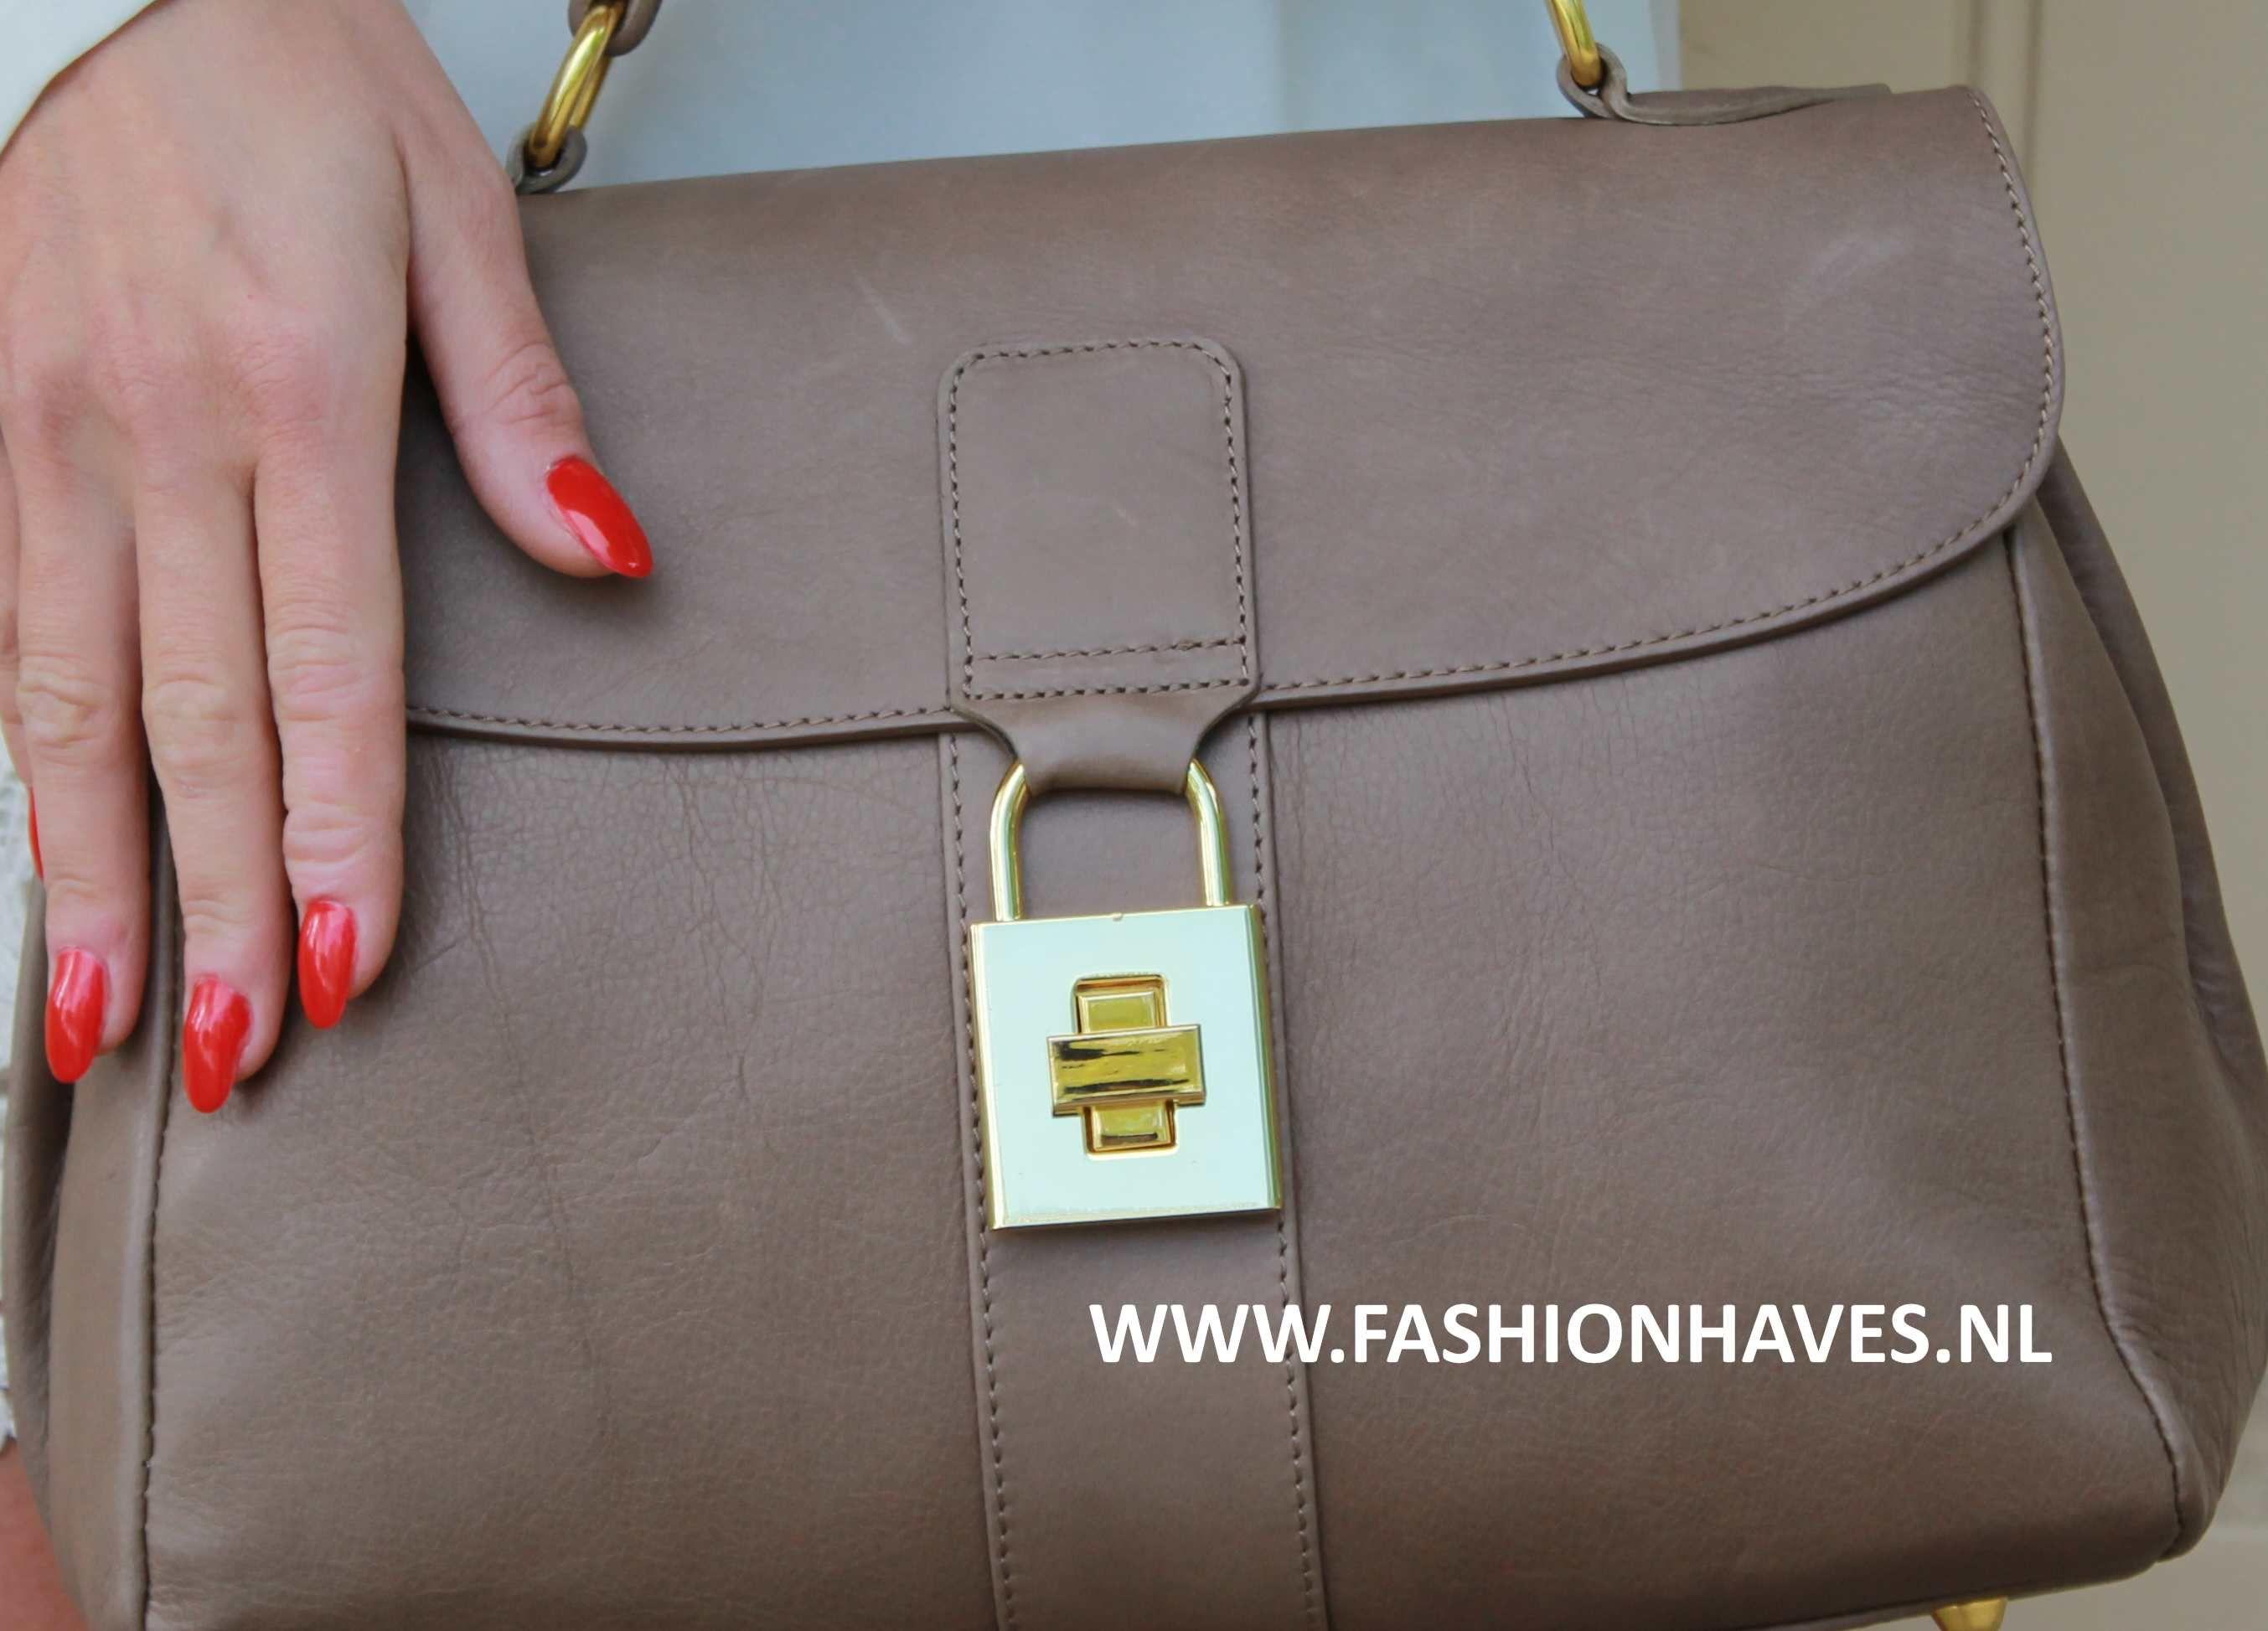 ItalyFashionhaves Online In nl Tassen Made Lederen nPXZNO80wk